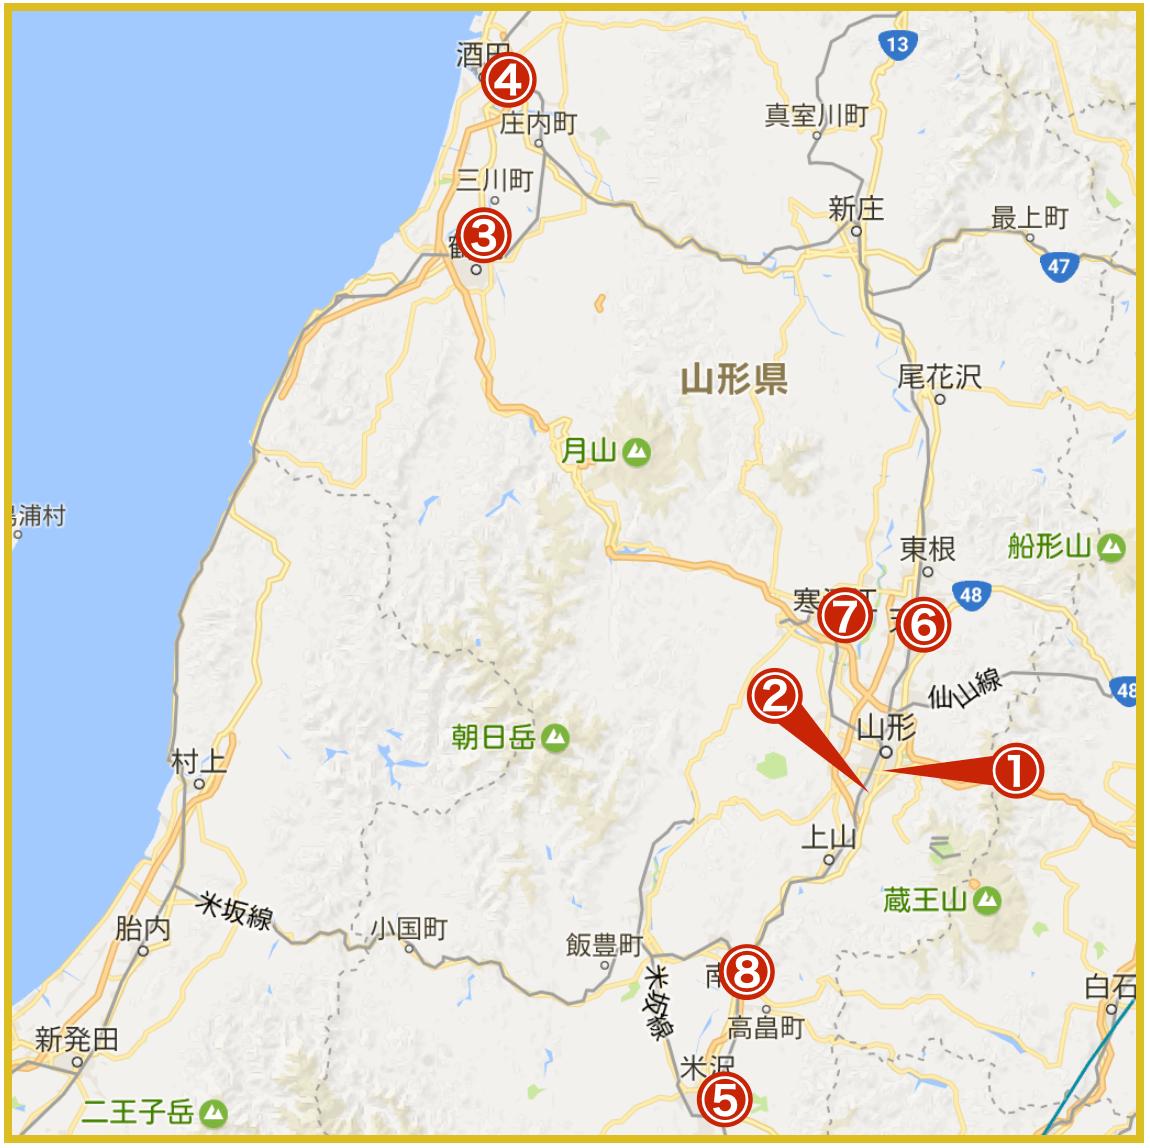 山形県にあるアコム店舗・ATMの位置(2021年版)